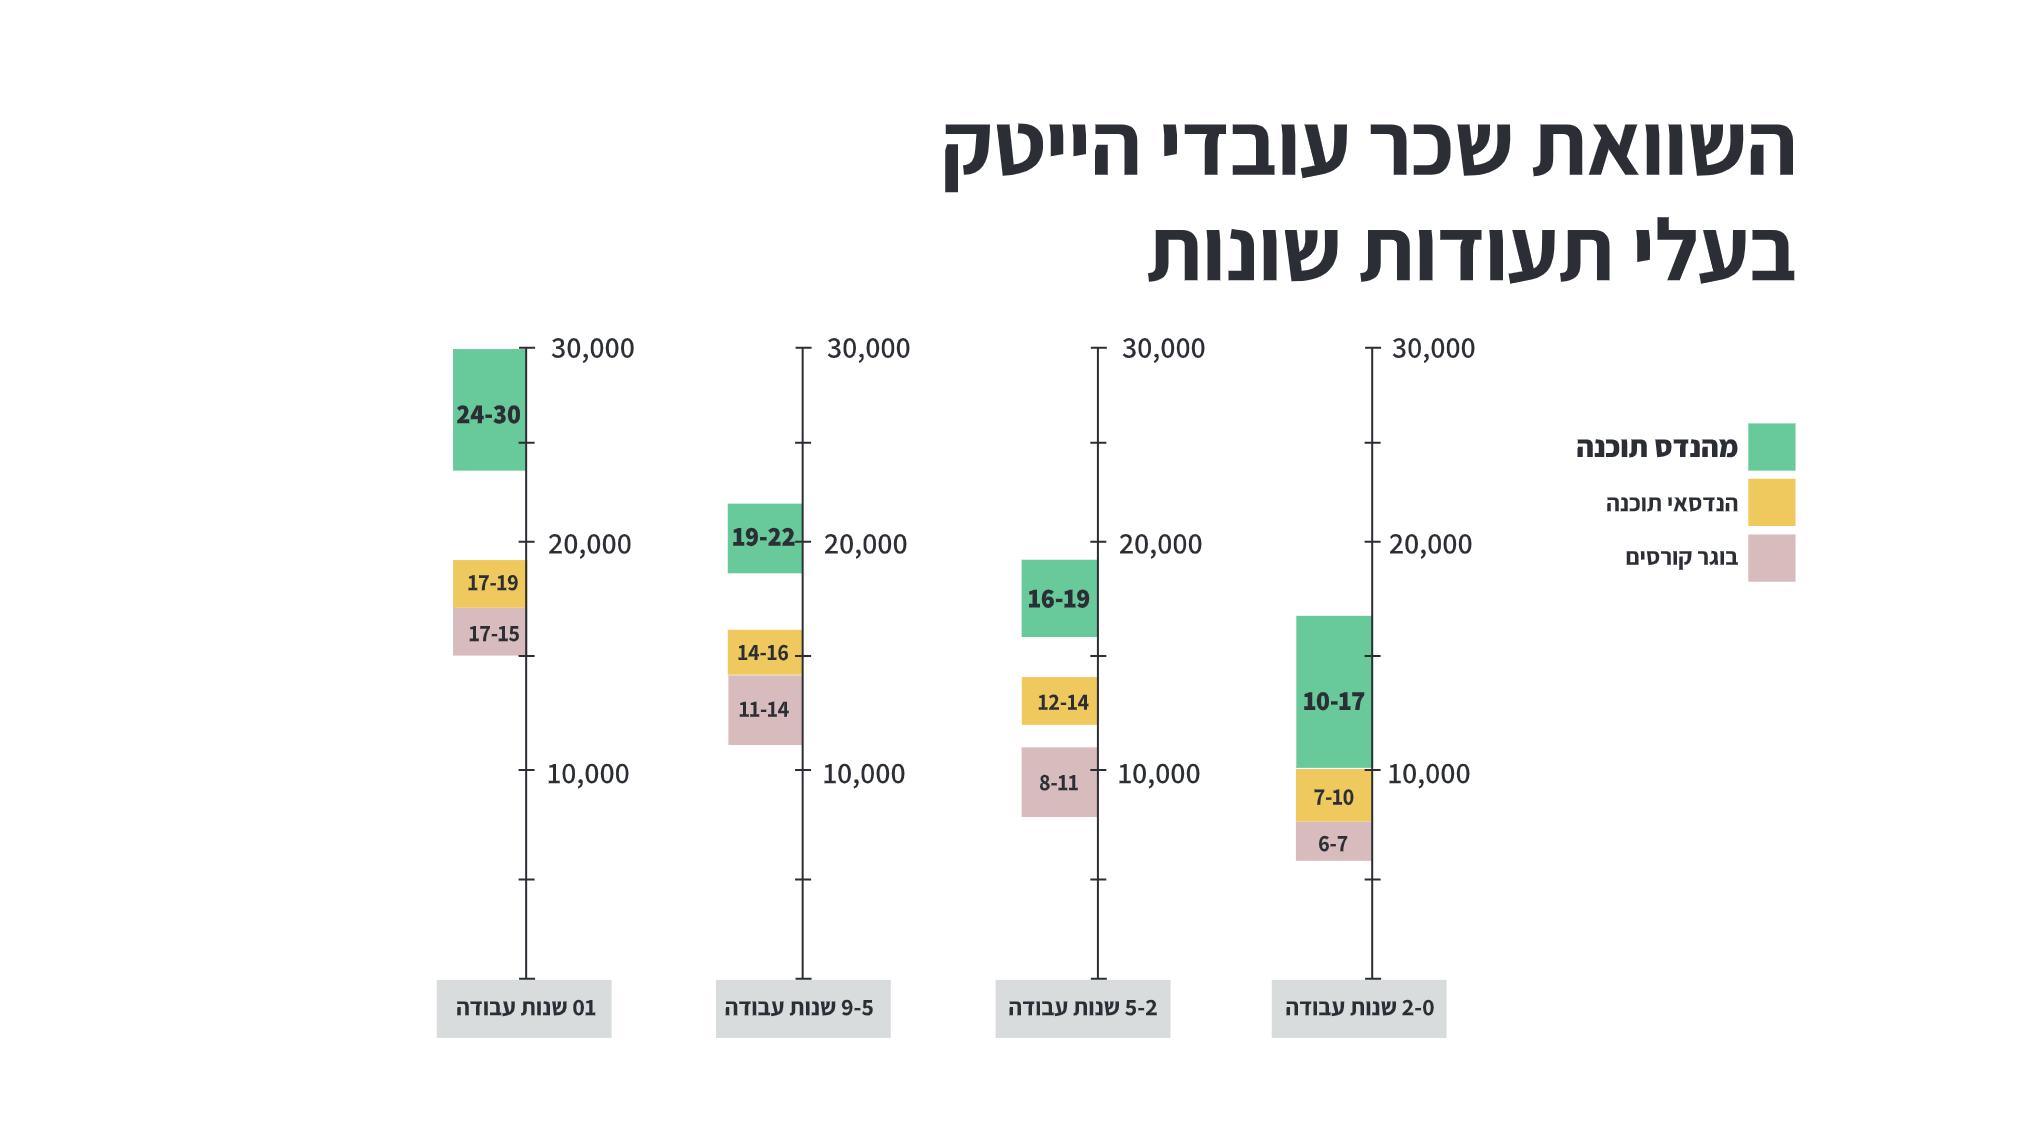 טבלת שכר-pdf (4)